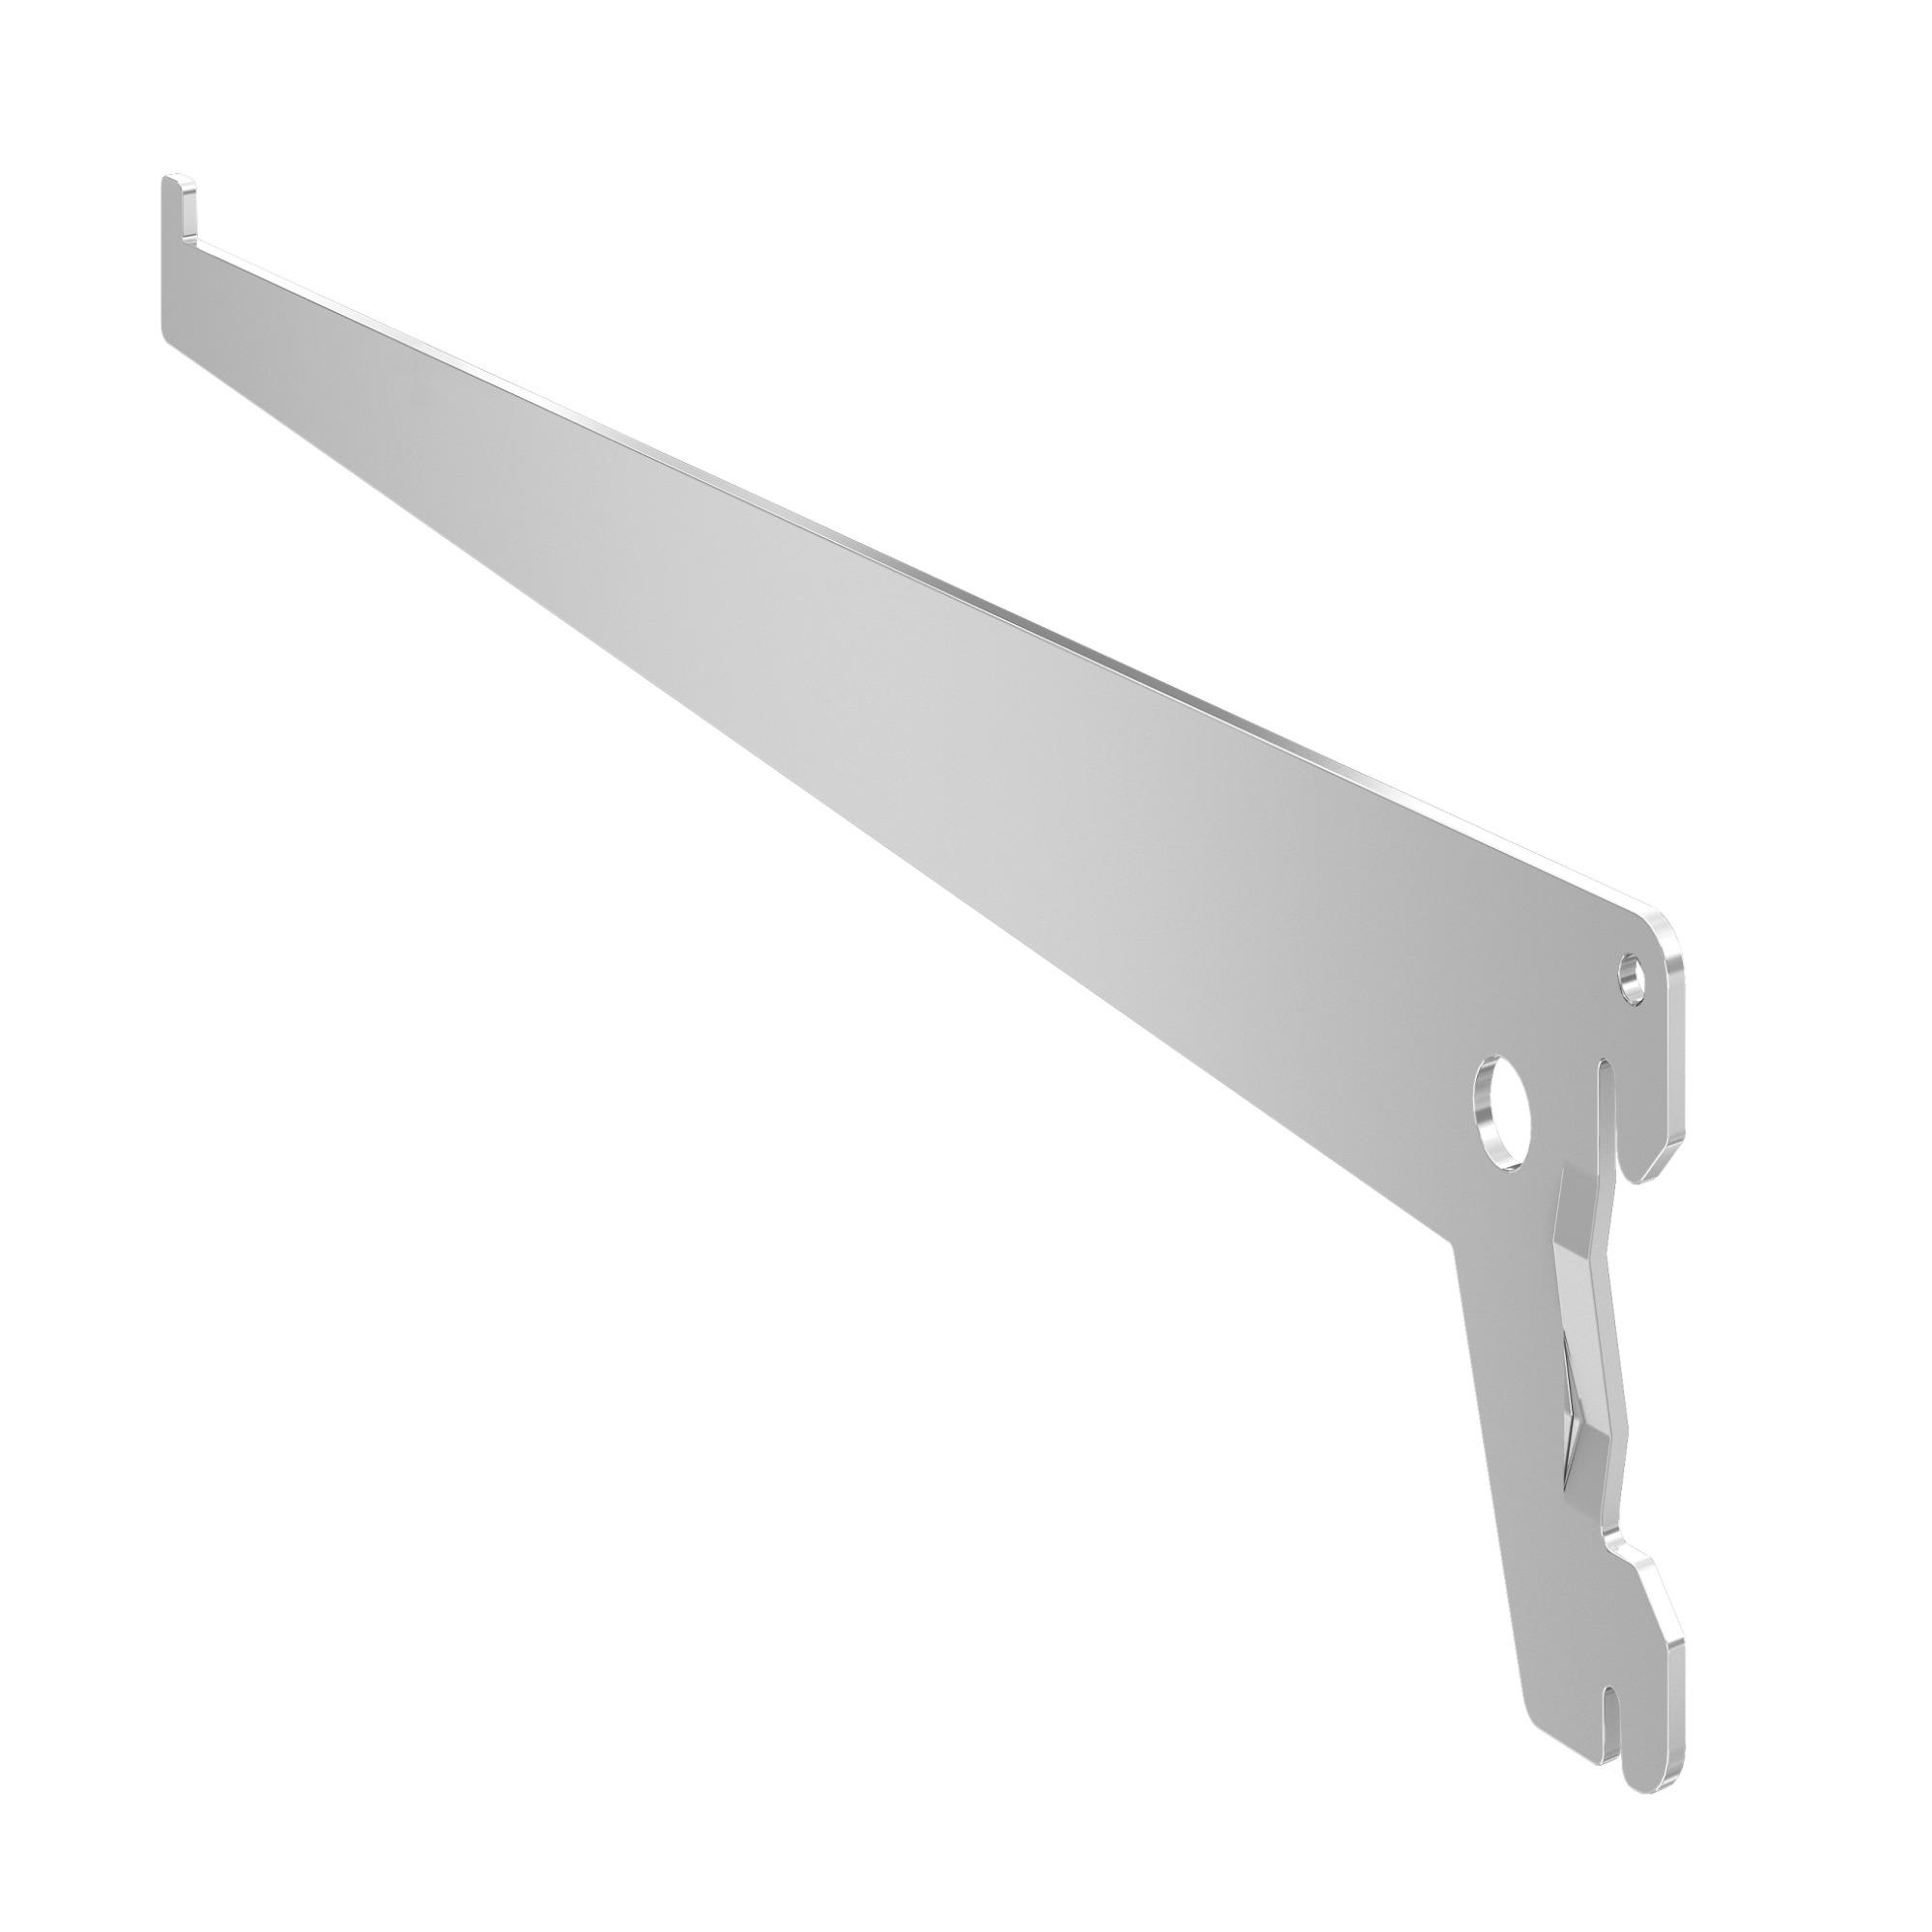 Suporte para Trilho Meia-Cana 25 cm Zincado - Fico